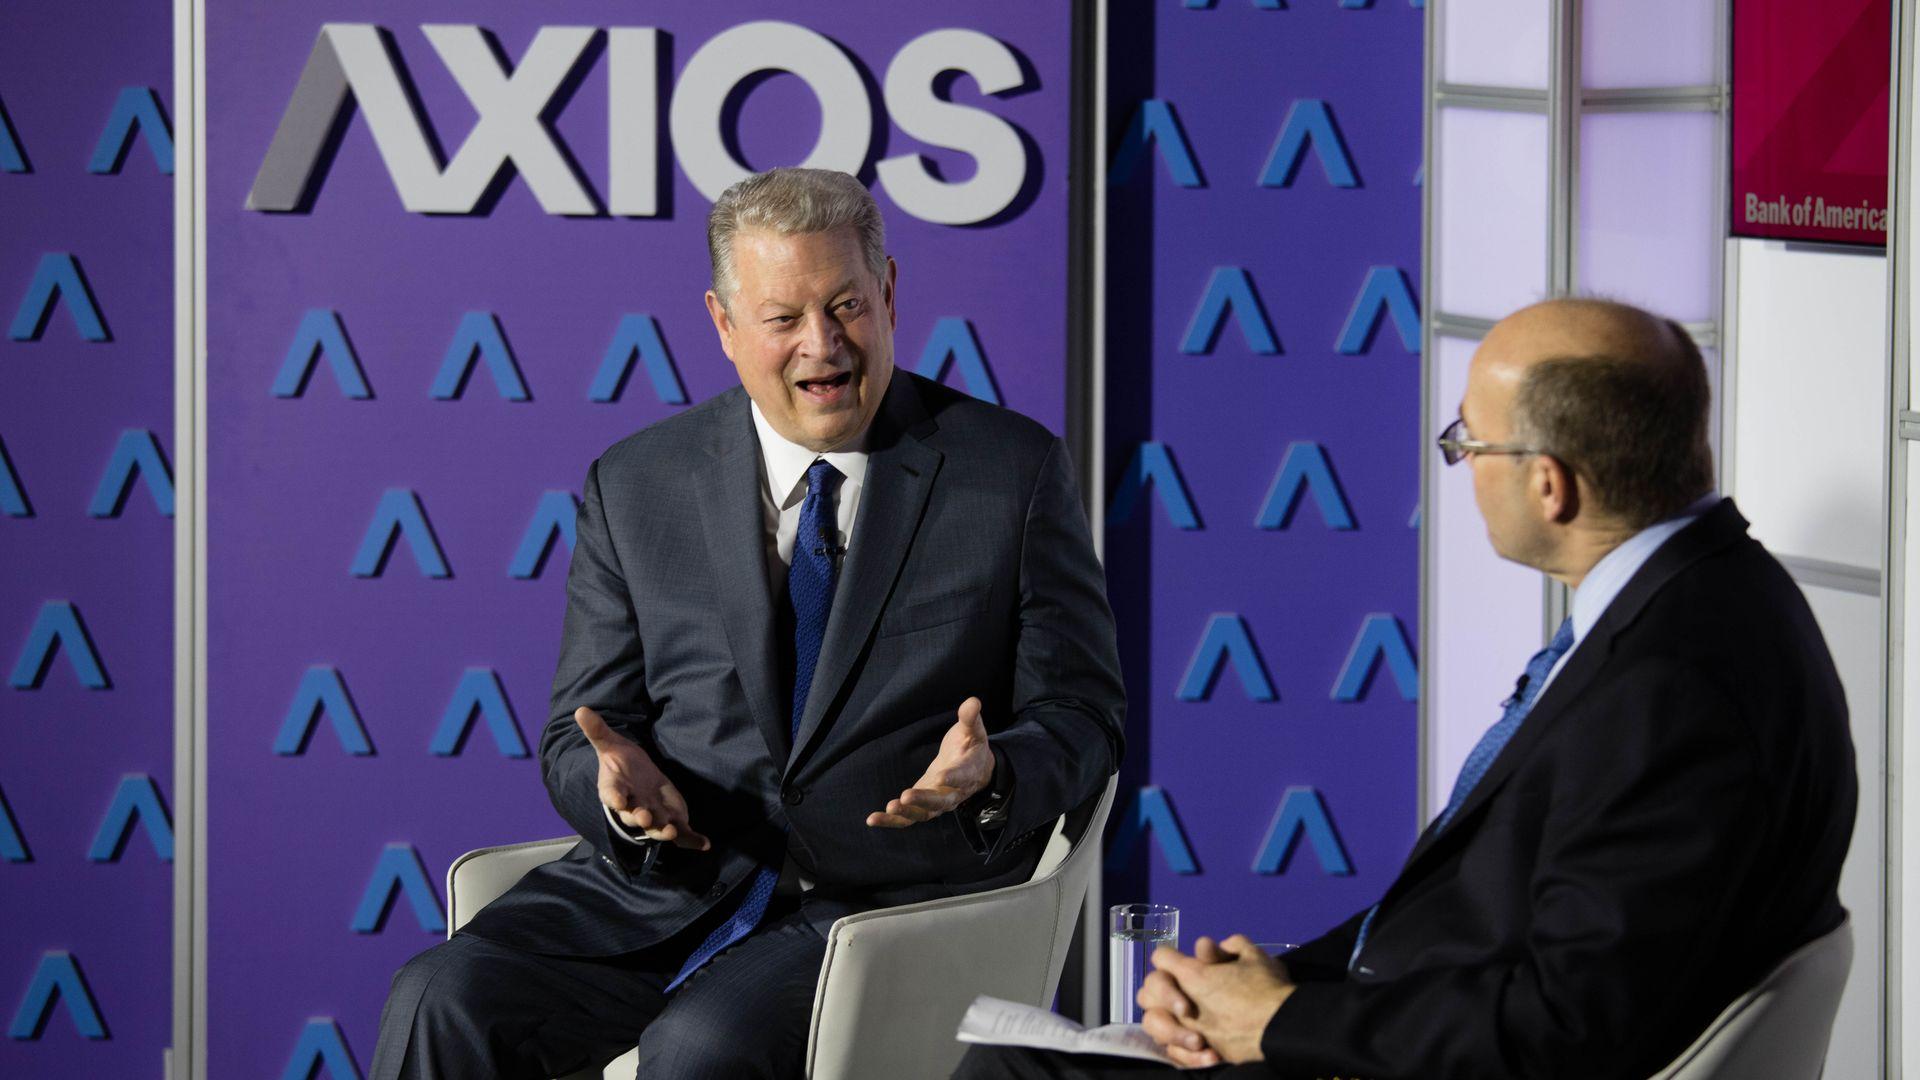 Al Gore and Mike Allen